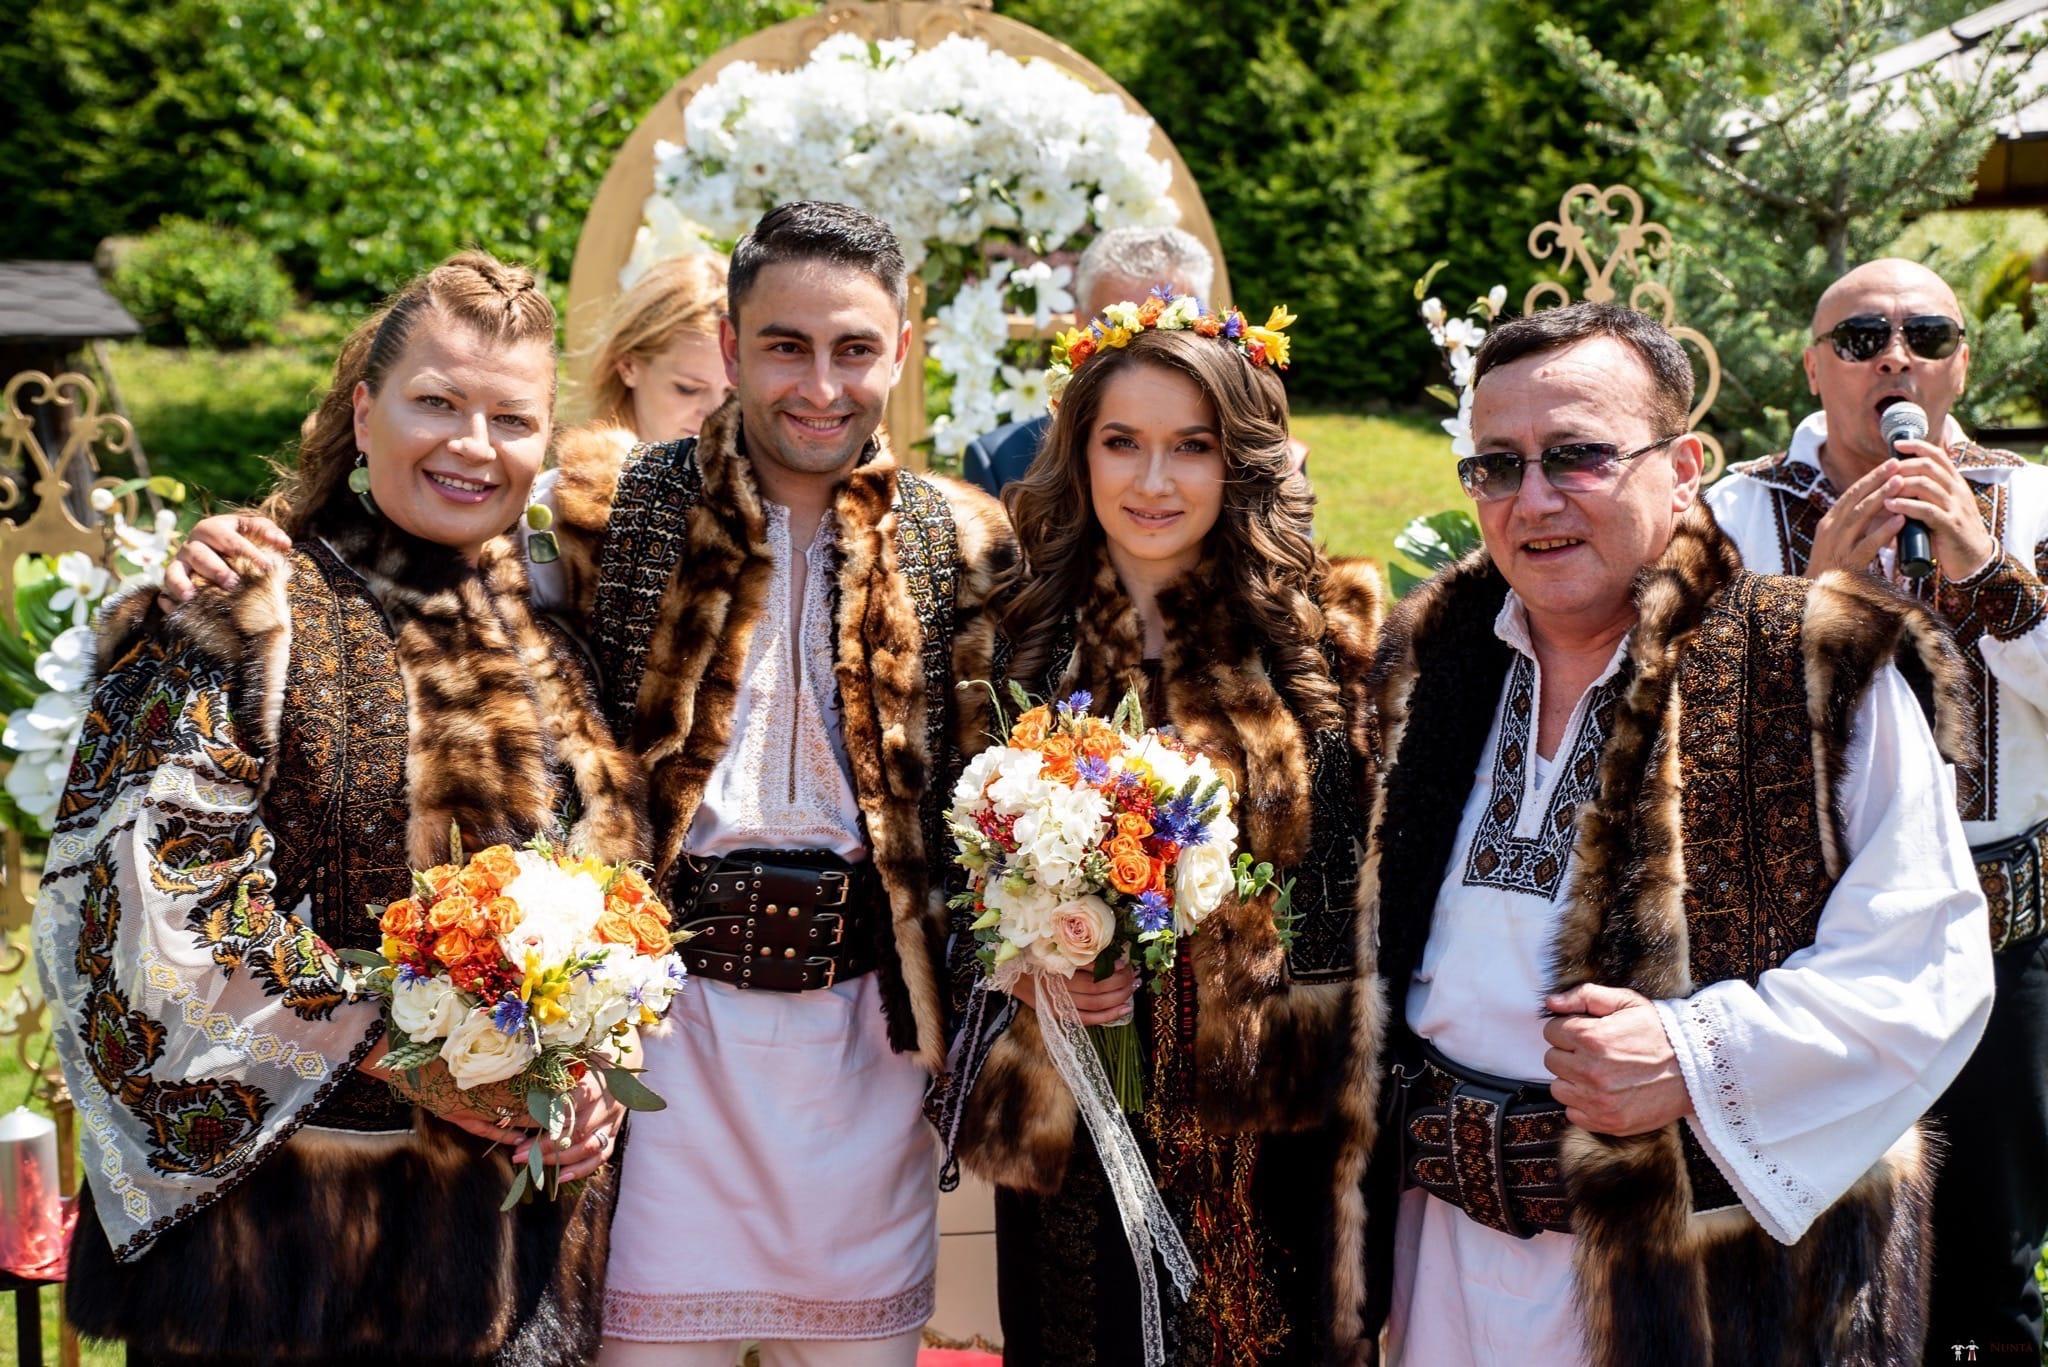 Povești Nunți Tradiționale - Irina și Alexandru, nuntă în Câmpulung Moldovenesc, Suceava 32